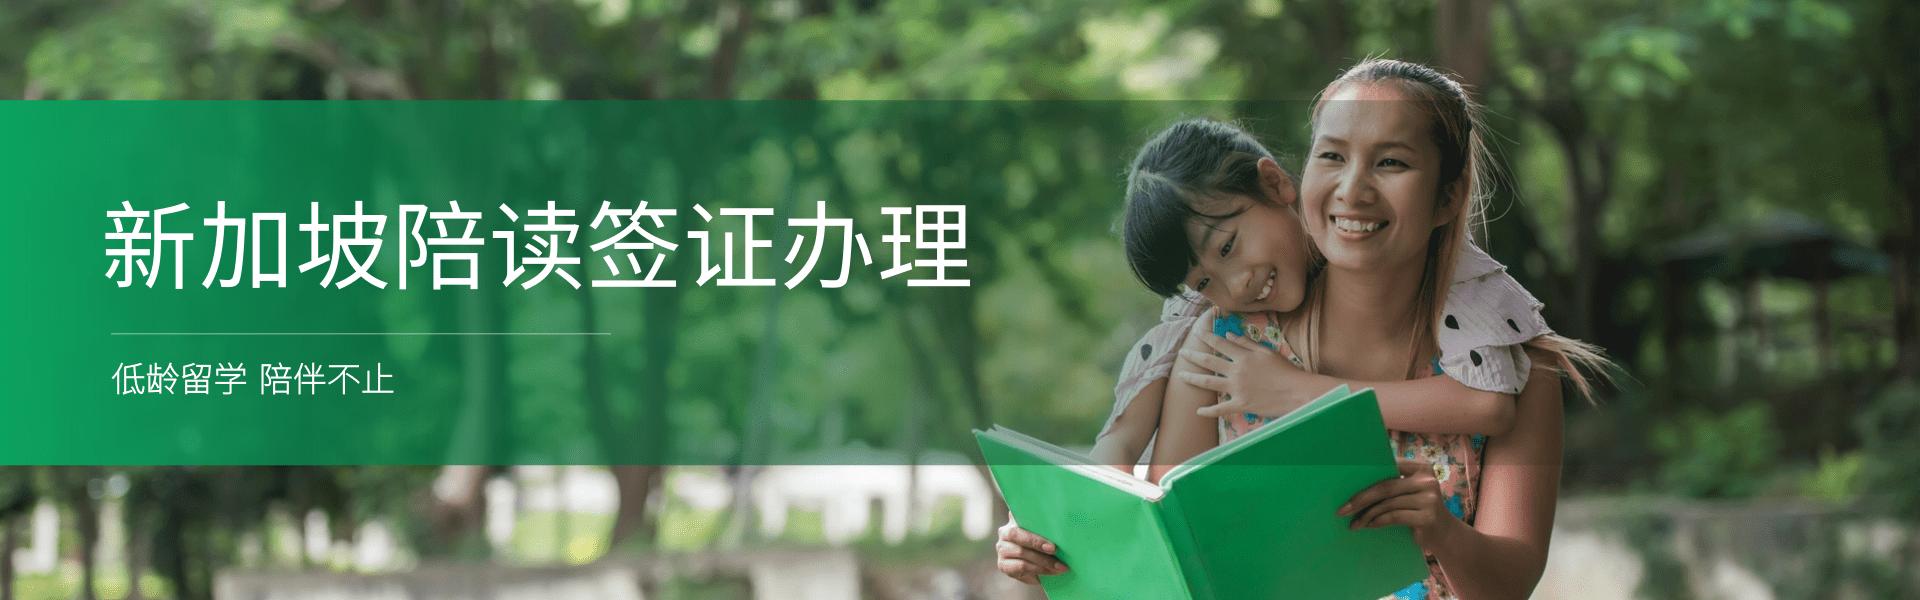 企业风Banner (1)